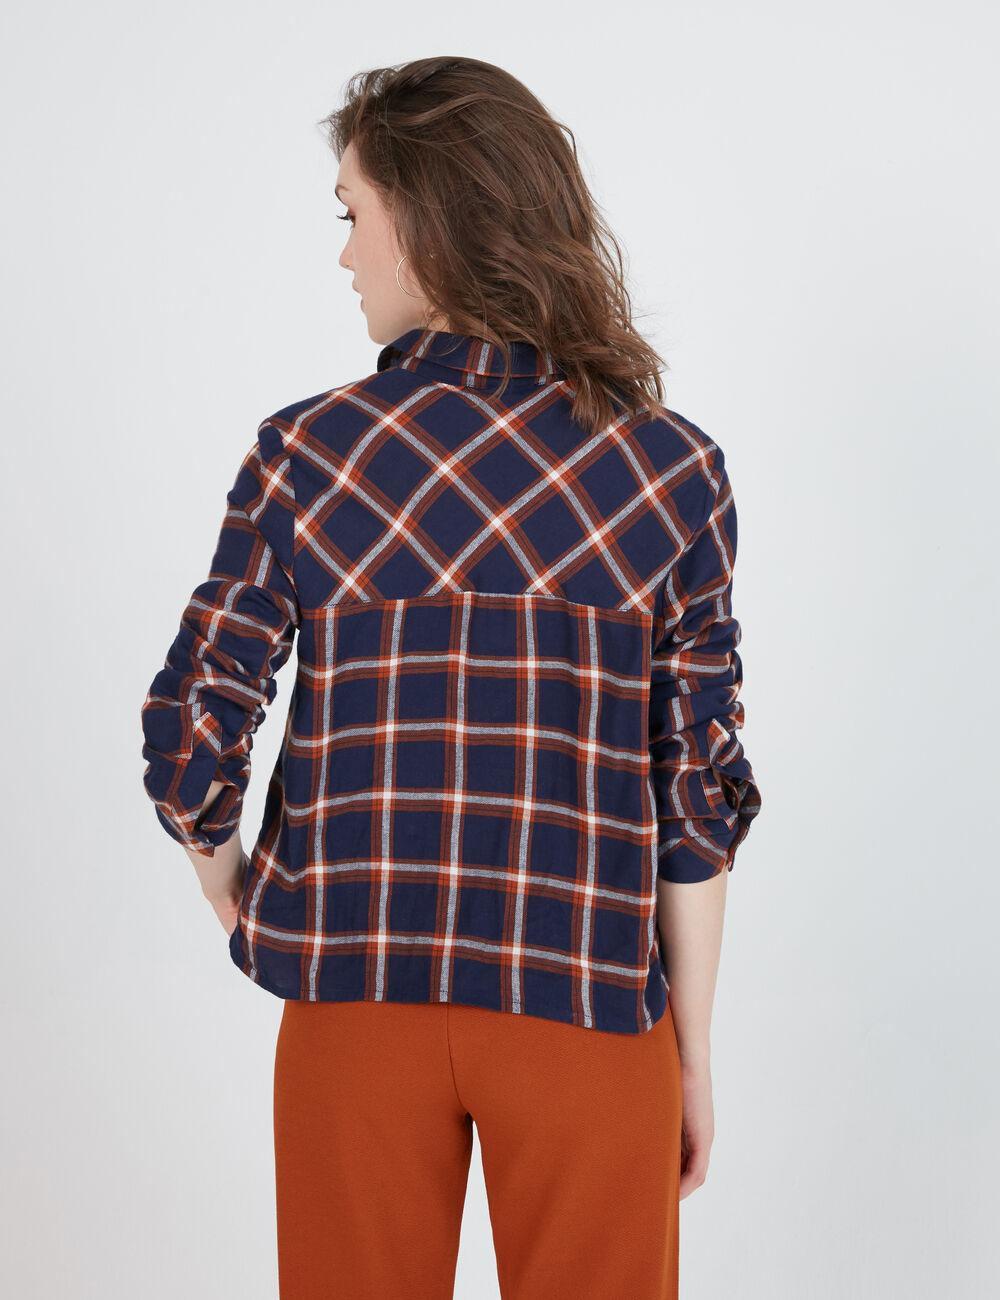 chemise courte carreaux bleu marine marron et blanche. Black Bedroom Furniture Sets. Home Design Ideas